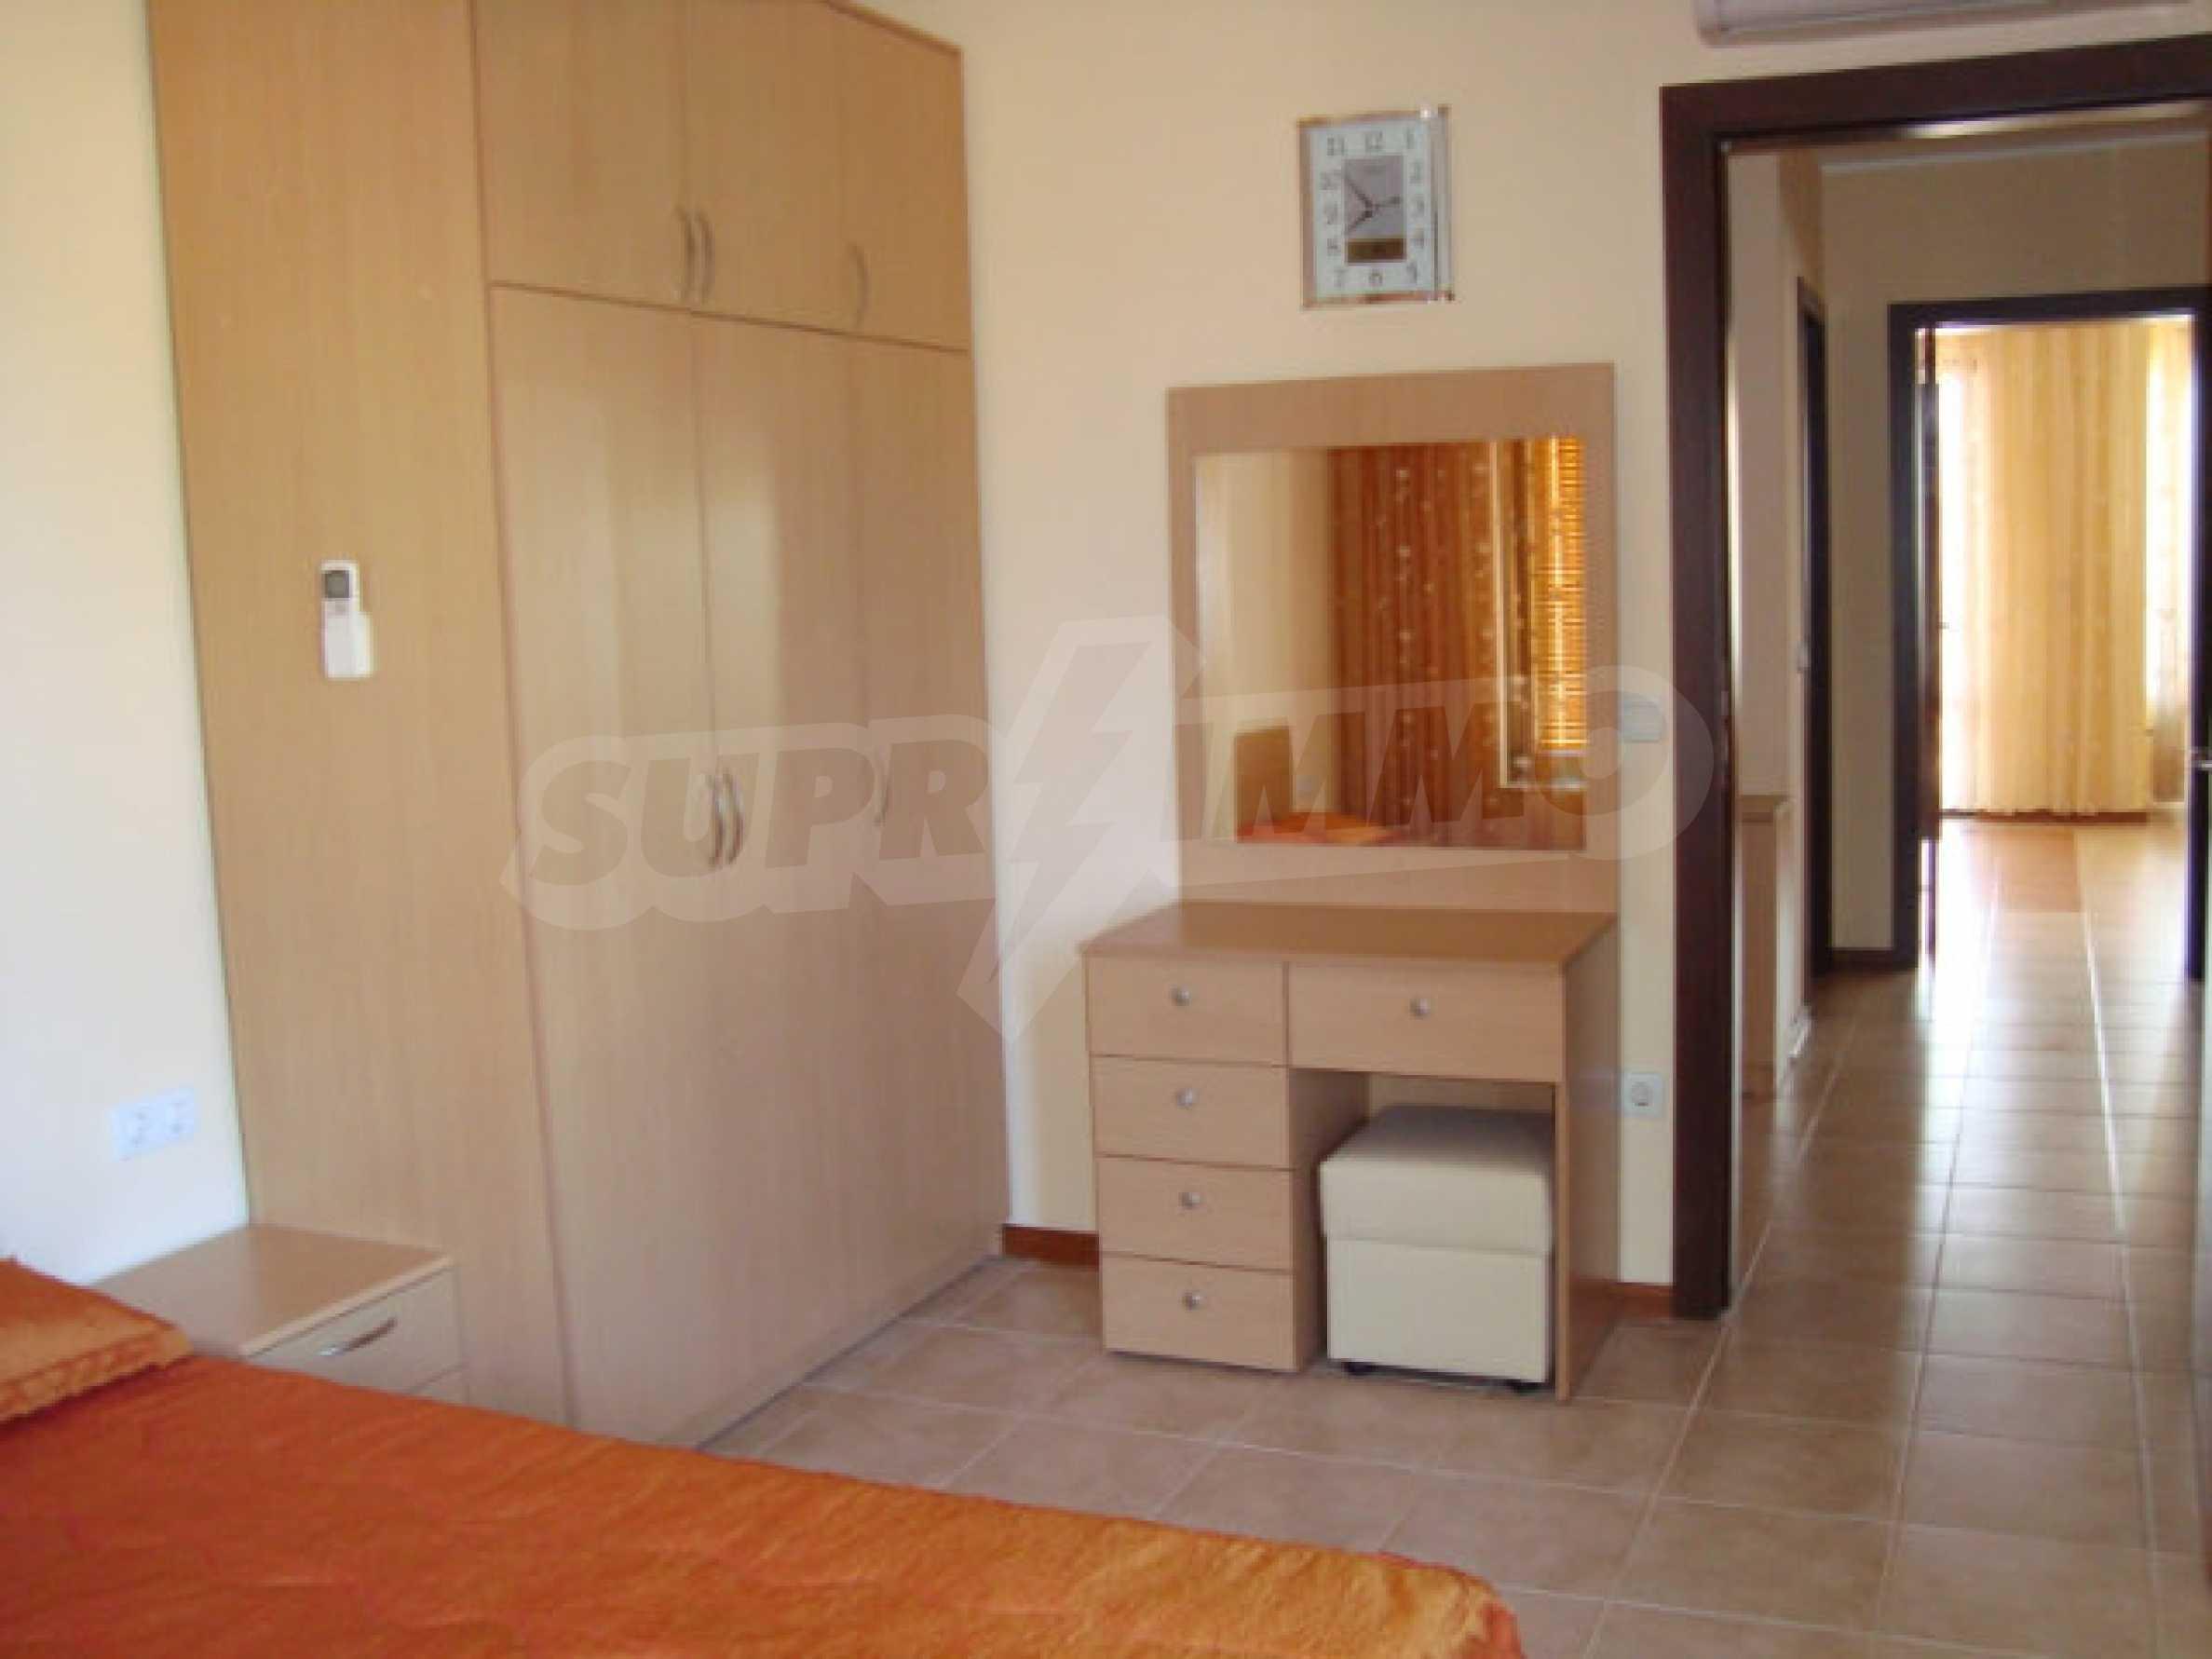 Zwei-Zimmer-Wohnung in Saint Nicholas Komplex in Chernomorets 8